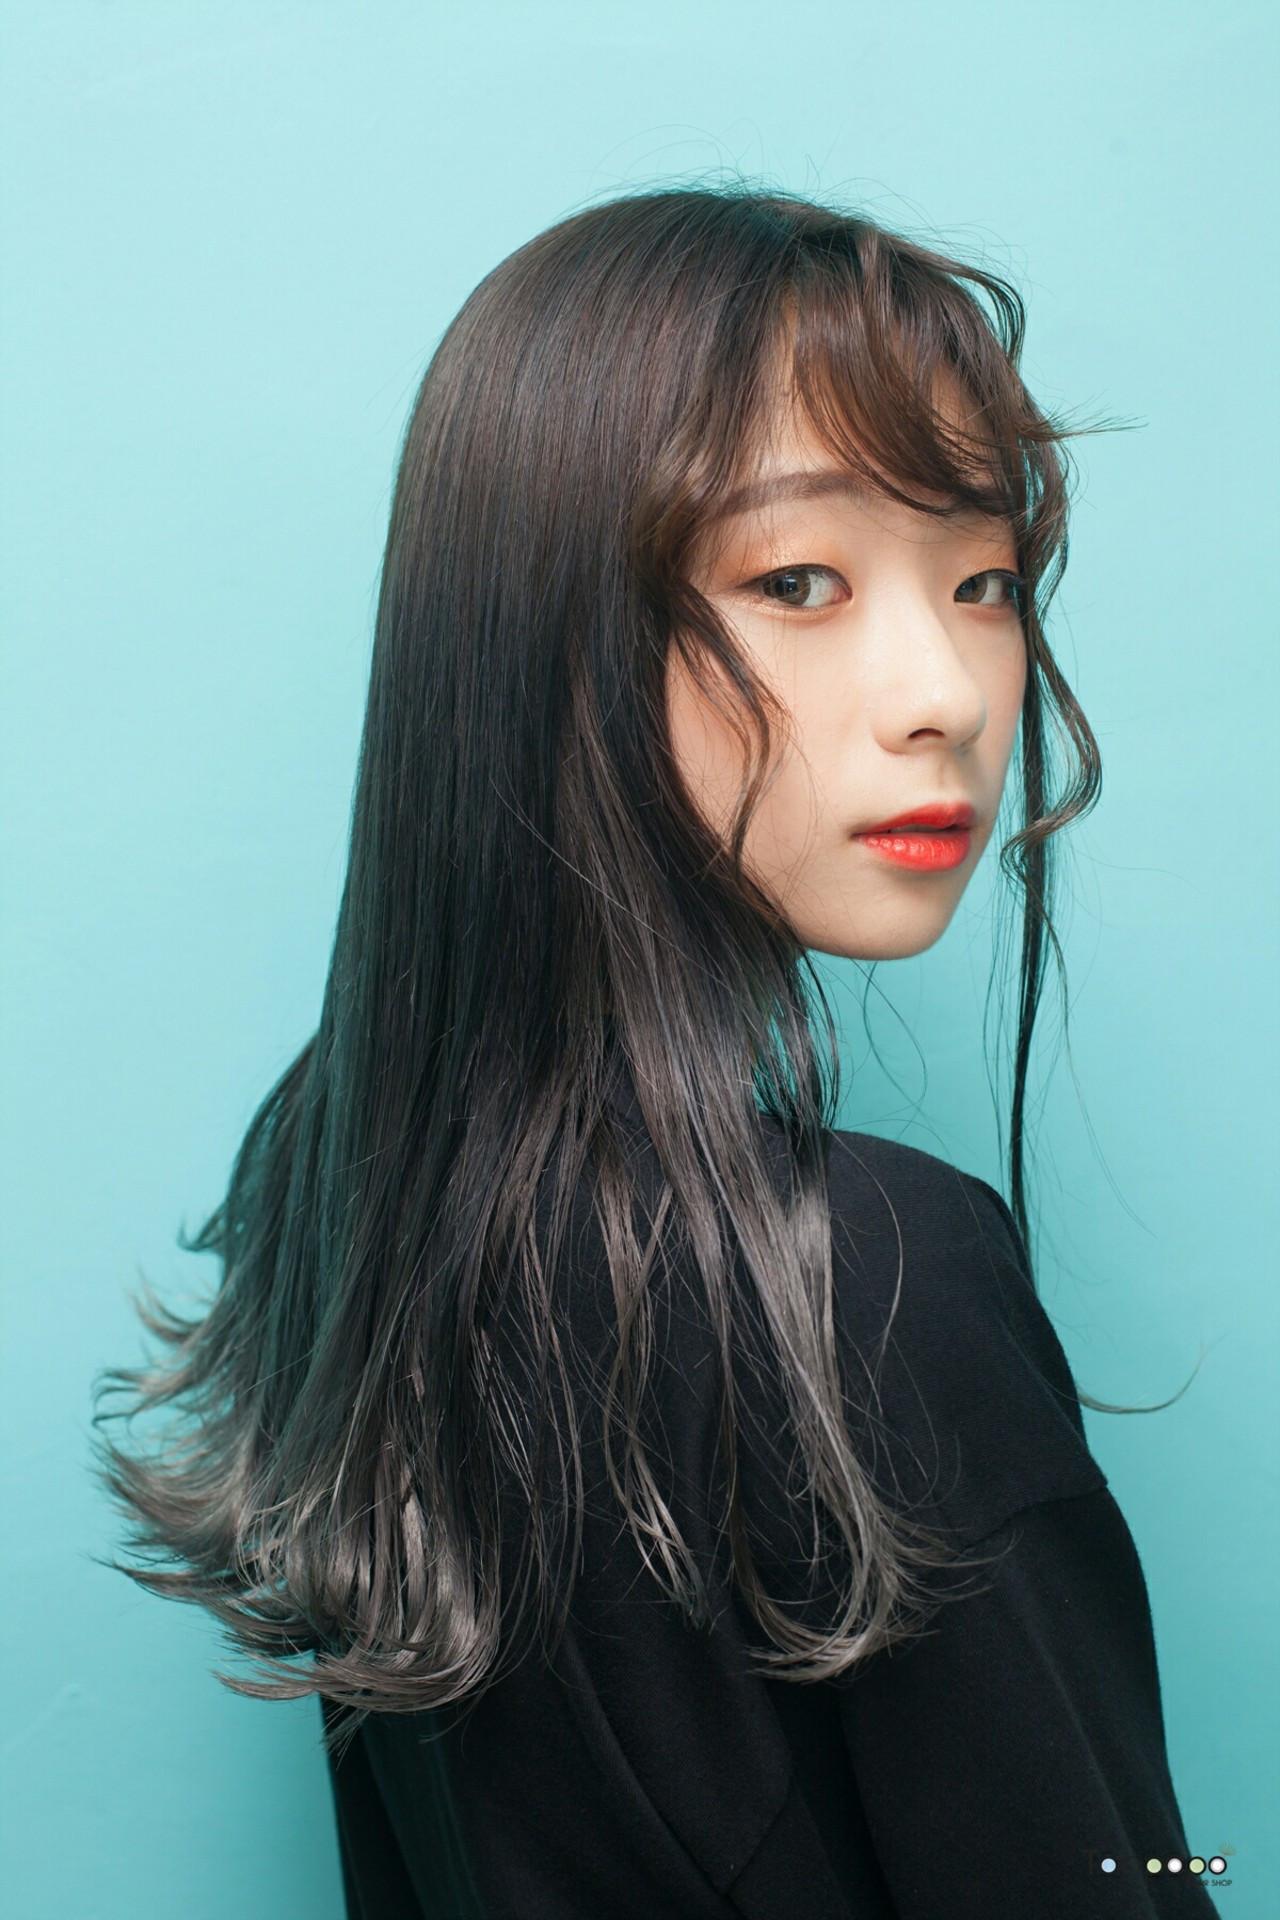 モード ロング オルチャン ヘアスタイルや髪型の写真・画像